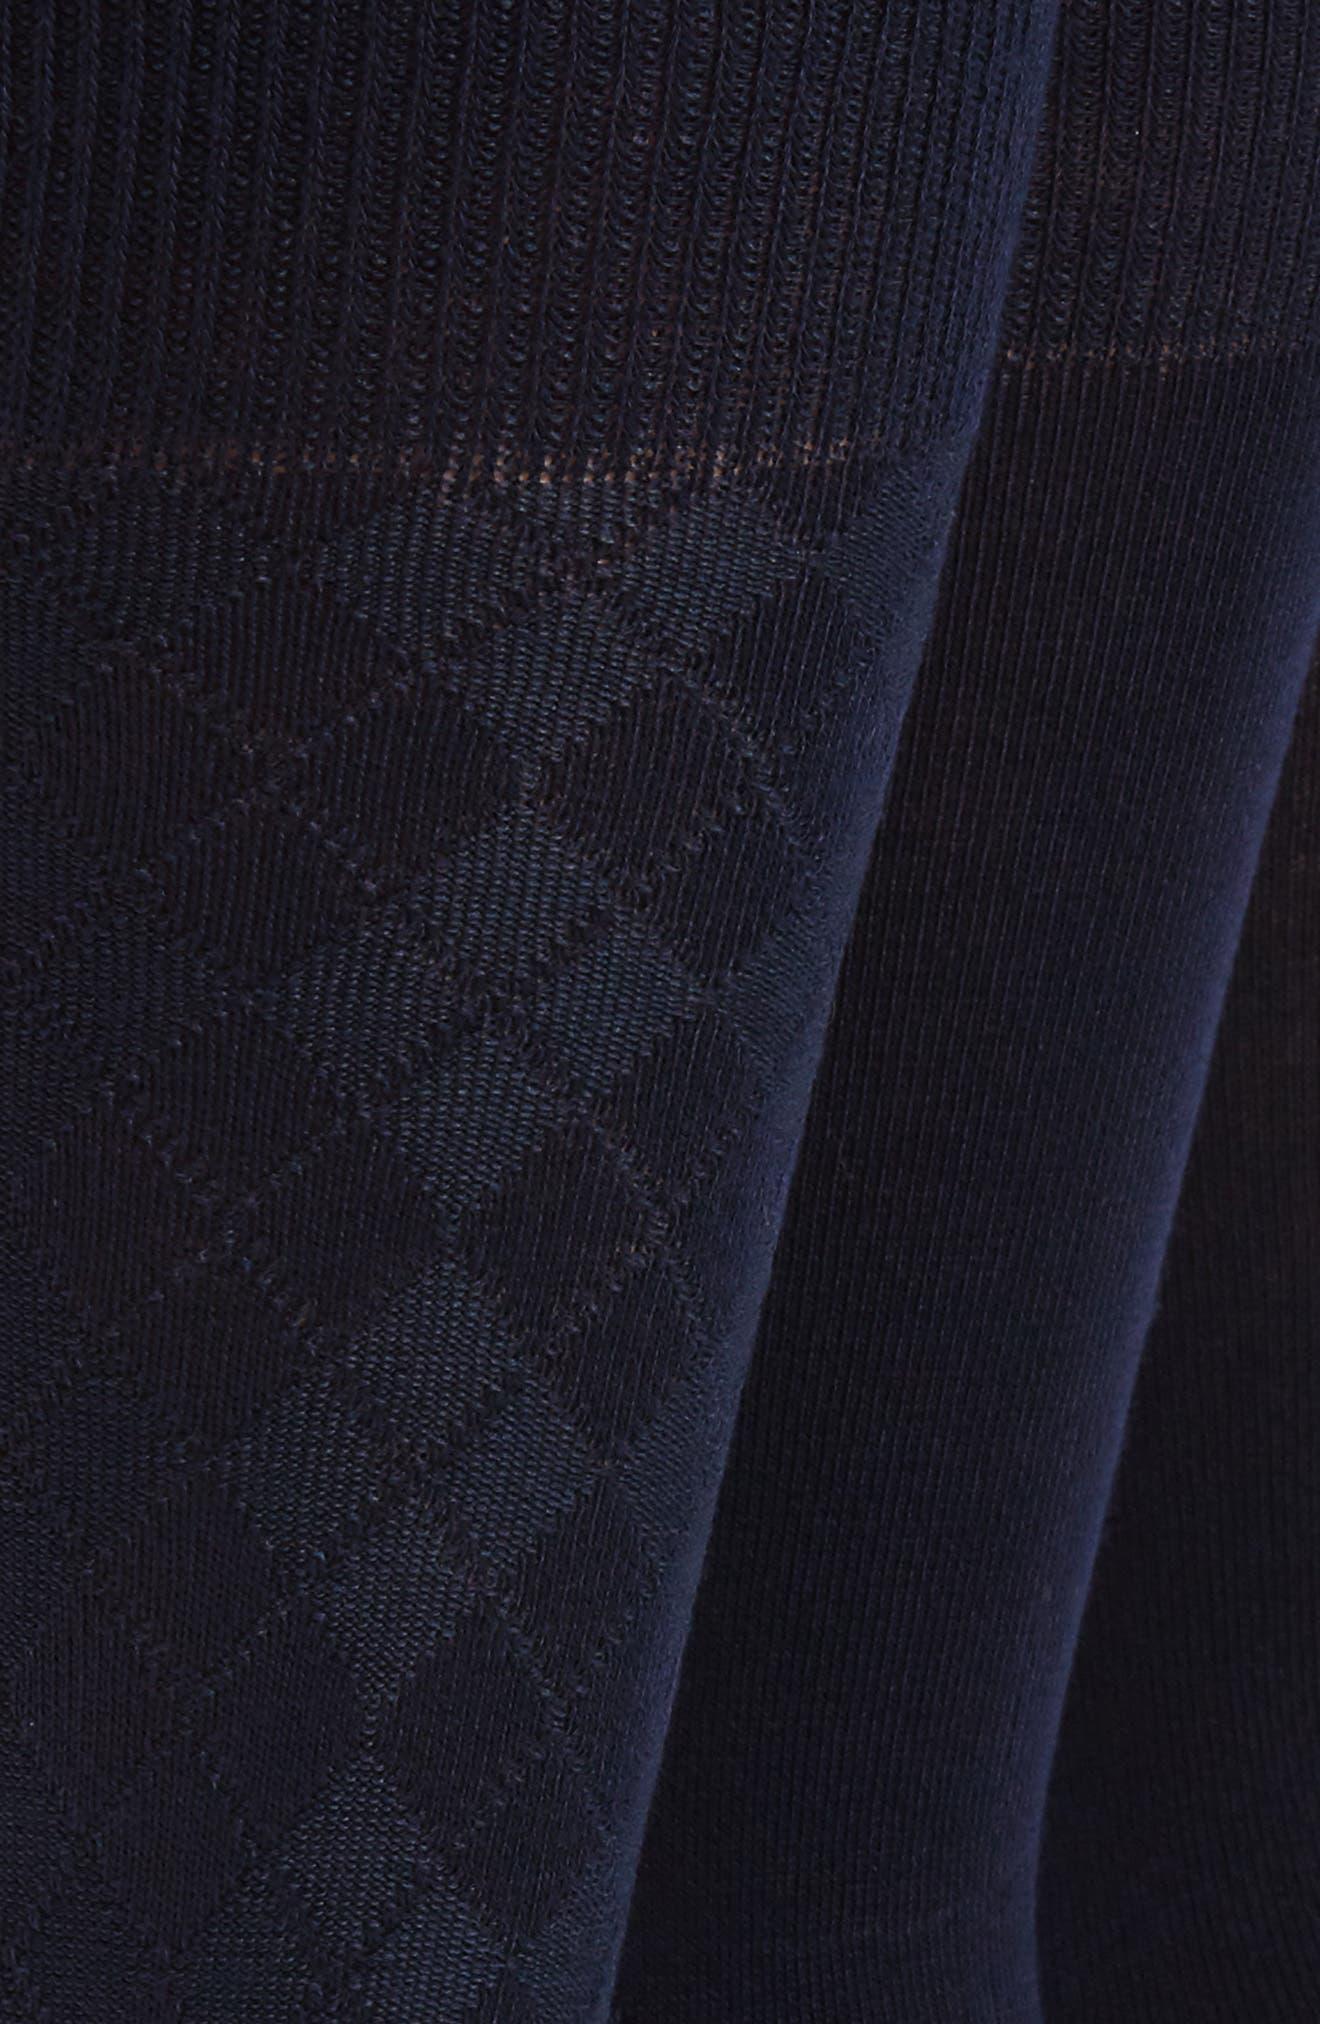 3-Pack Socks,                             Alternate thumbnail 2, color,                             NAVY